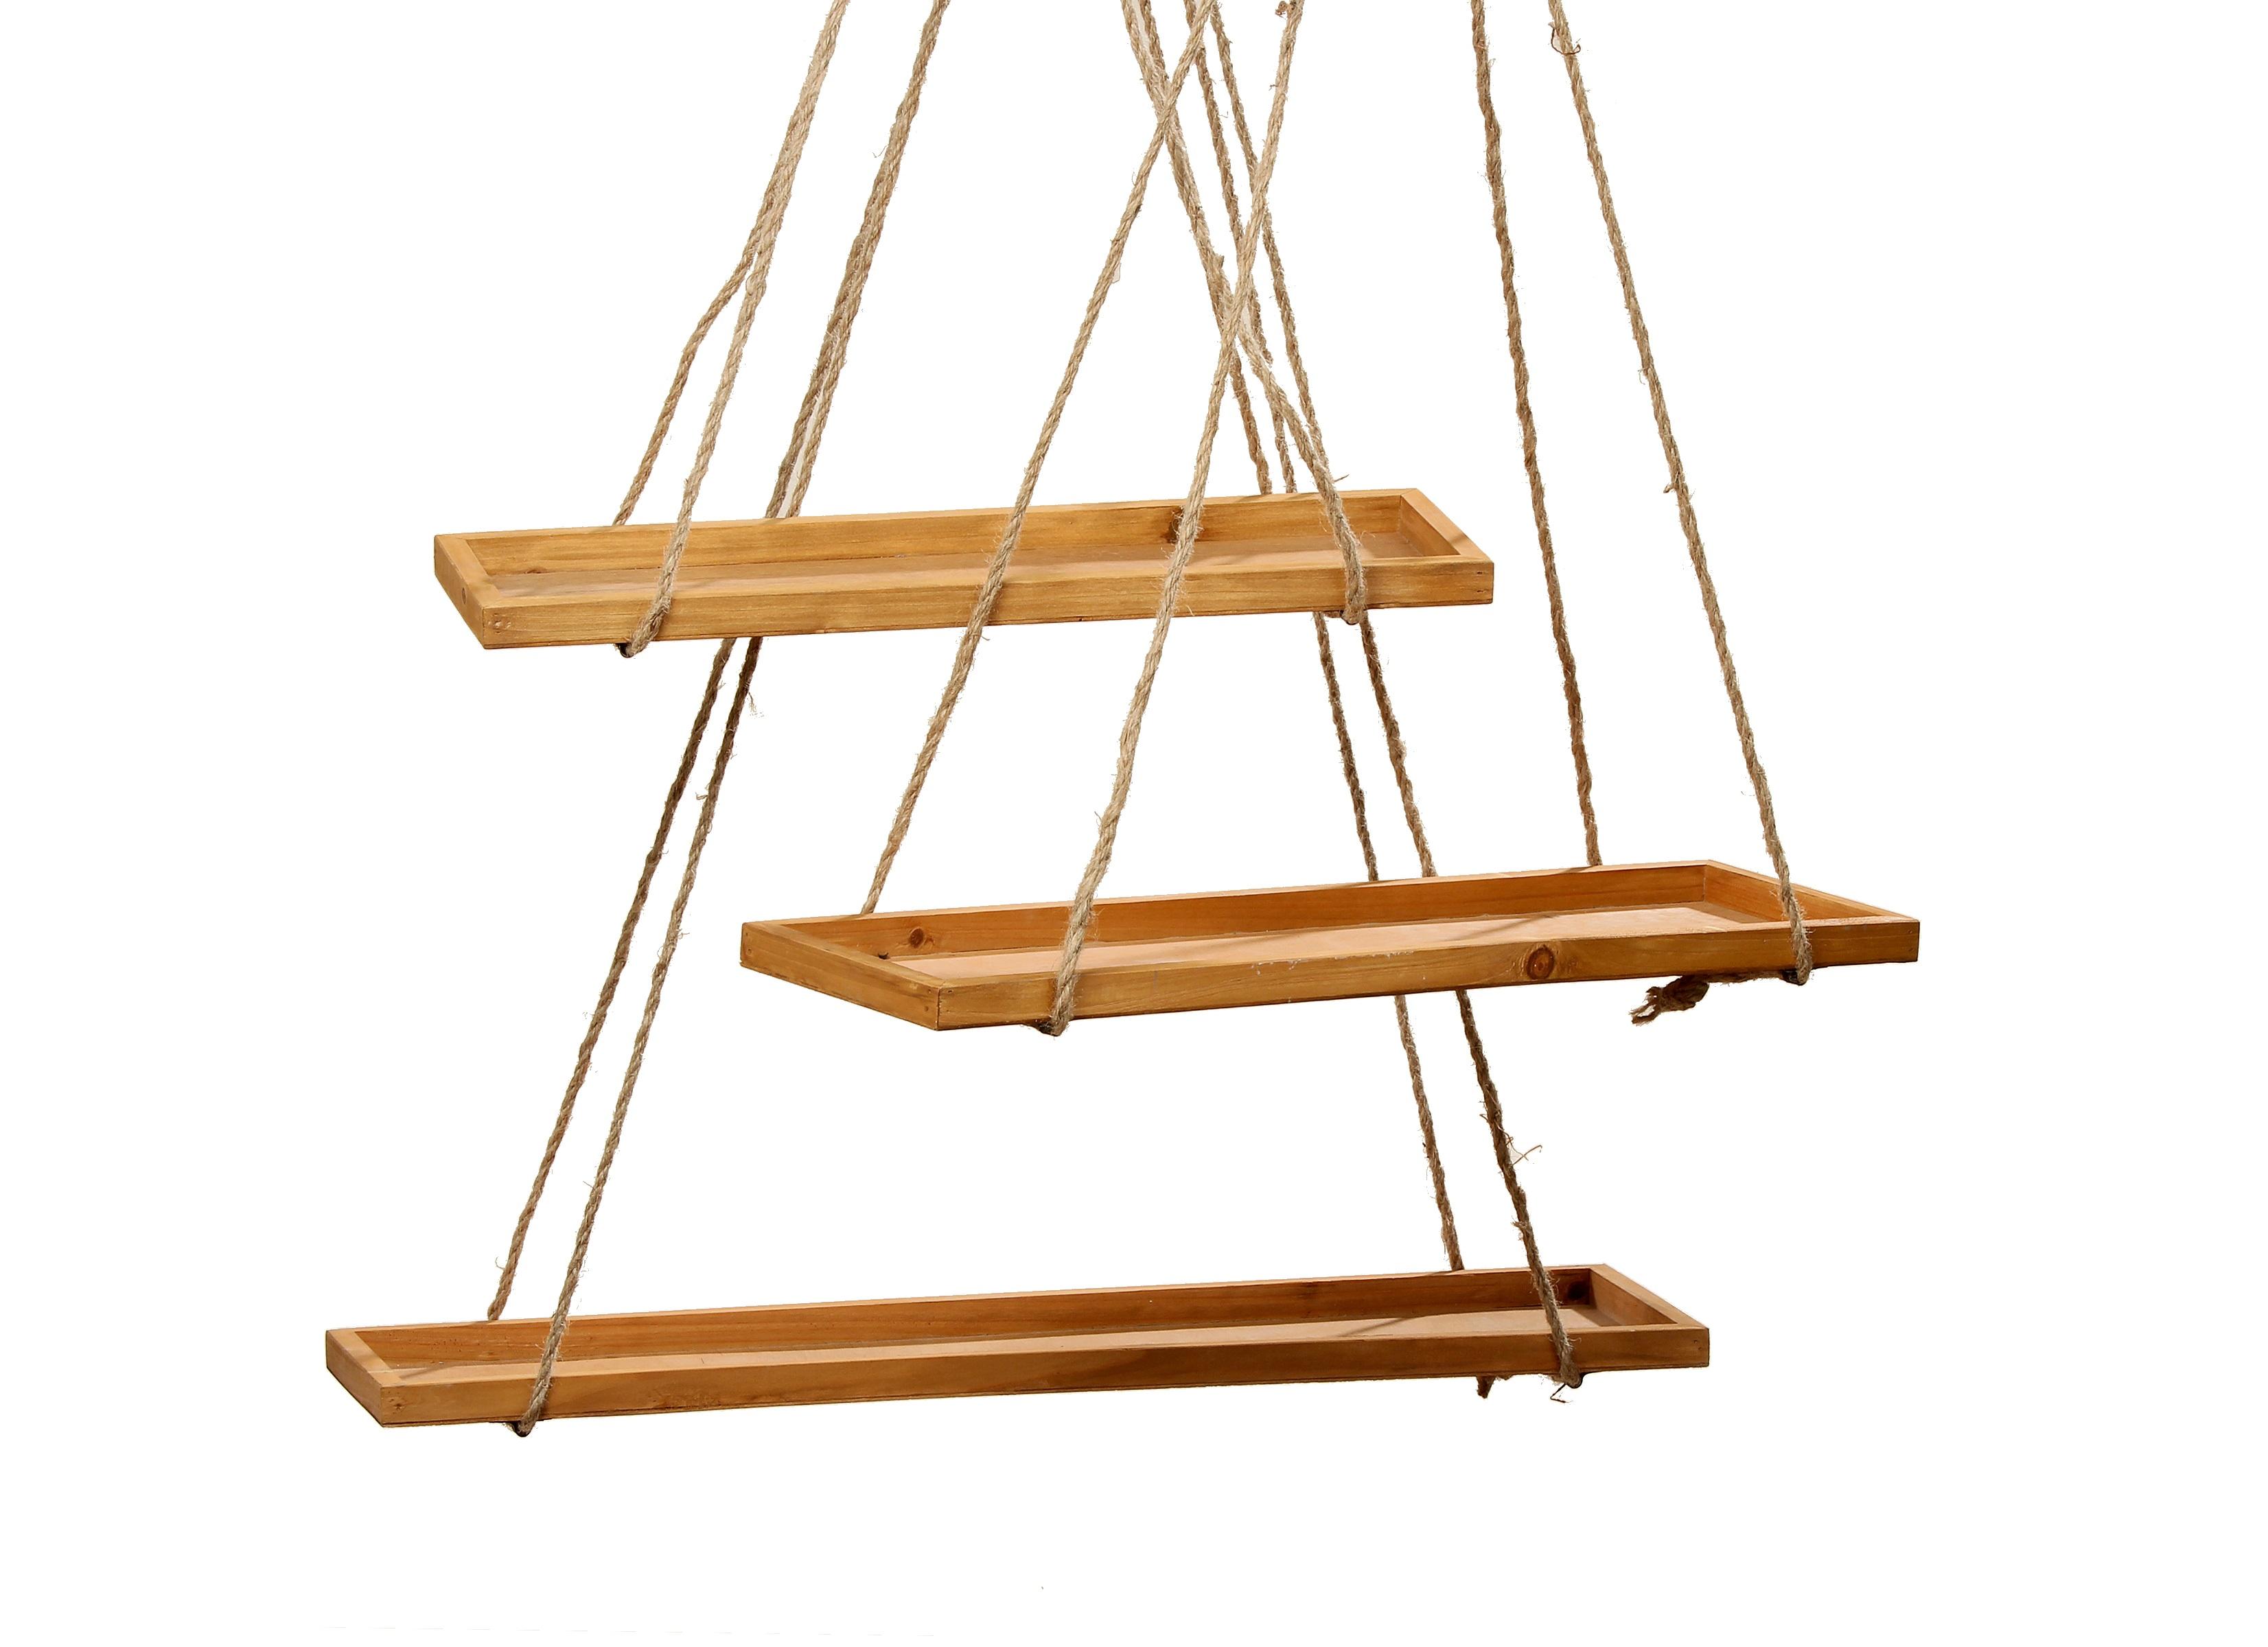 Набор из трех подвесных полокПолки<br>&amp;lt;div&amp;gt;&amp;lt;div&amp;gt;Большая: длина 75, ширина 20, высота 2; (1 шт.)&amp;lt;/div&amp;gt;&amp;lt;div&amp;gt;маленькая: длина 55, ширина 15, высота 2 (2 шт.)&amp;lt;/div&amp;gt;&amp;lt;div&amp;gt;&amp;lt;br&amp;gt;&amp;lt;/div&amp;gt;Материал: дерево (пихта).&amp;lt;/div&amp;gt;<br><br>Material: Дерево<br>Length см: None<br>Width см: 75<br>Depth см: 20<br>Height см: 2